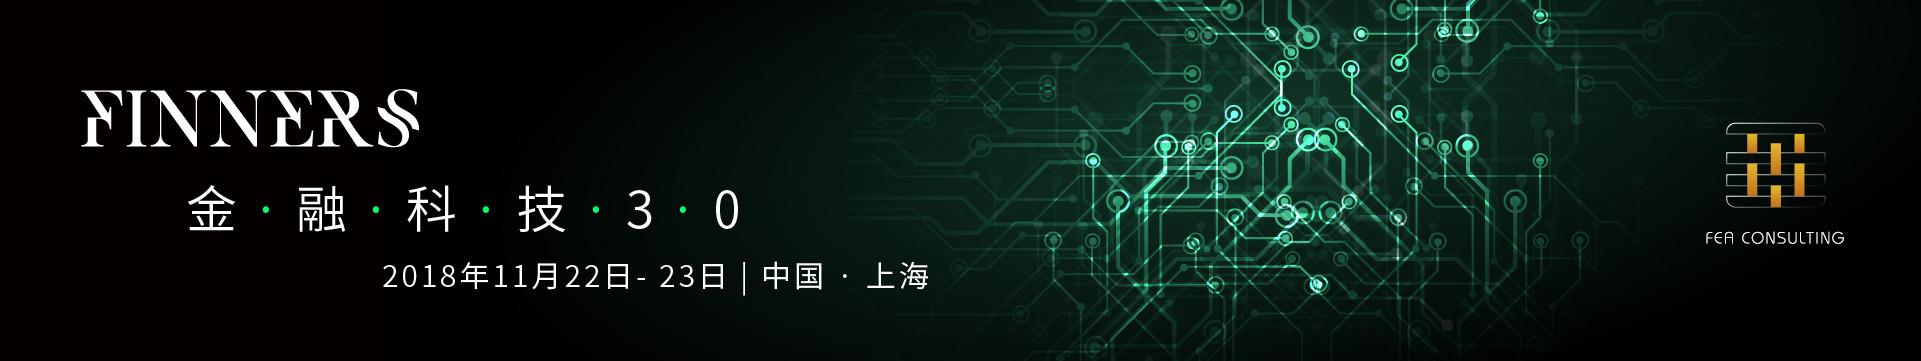 2018中国数字金融国际论坛暨Finners City 金融科技3.0